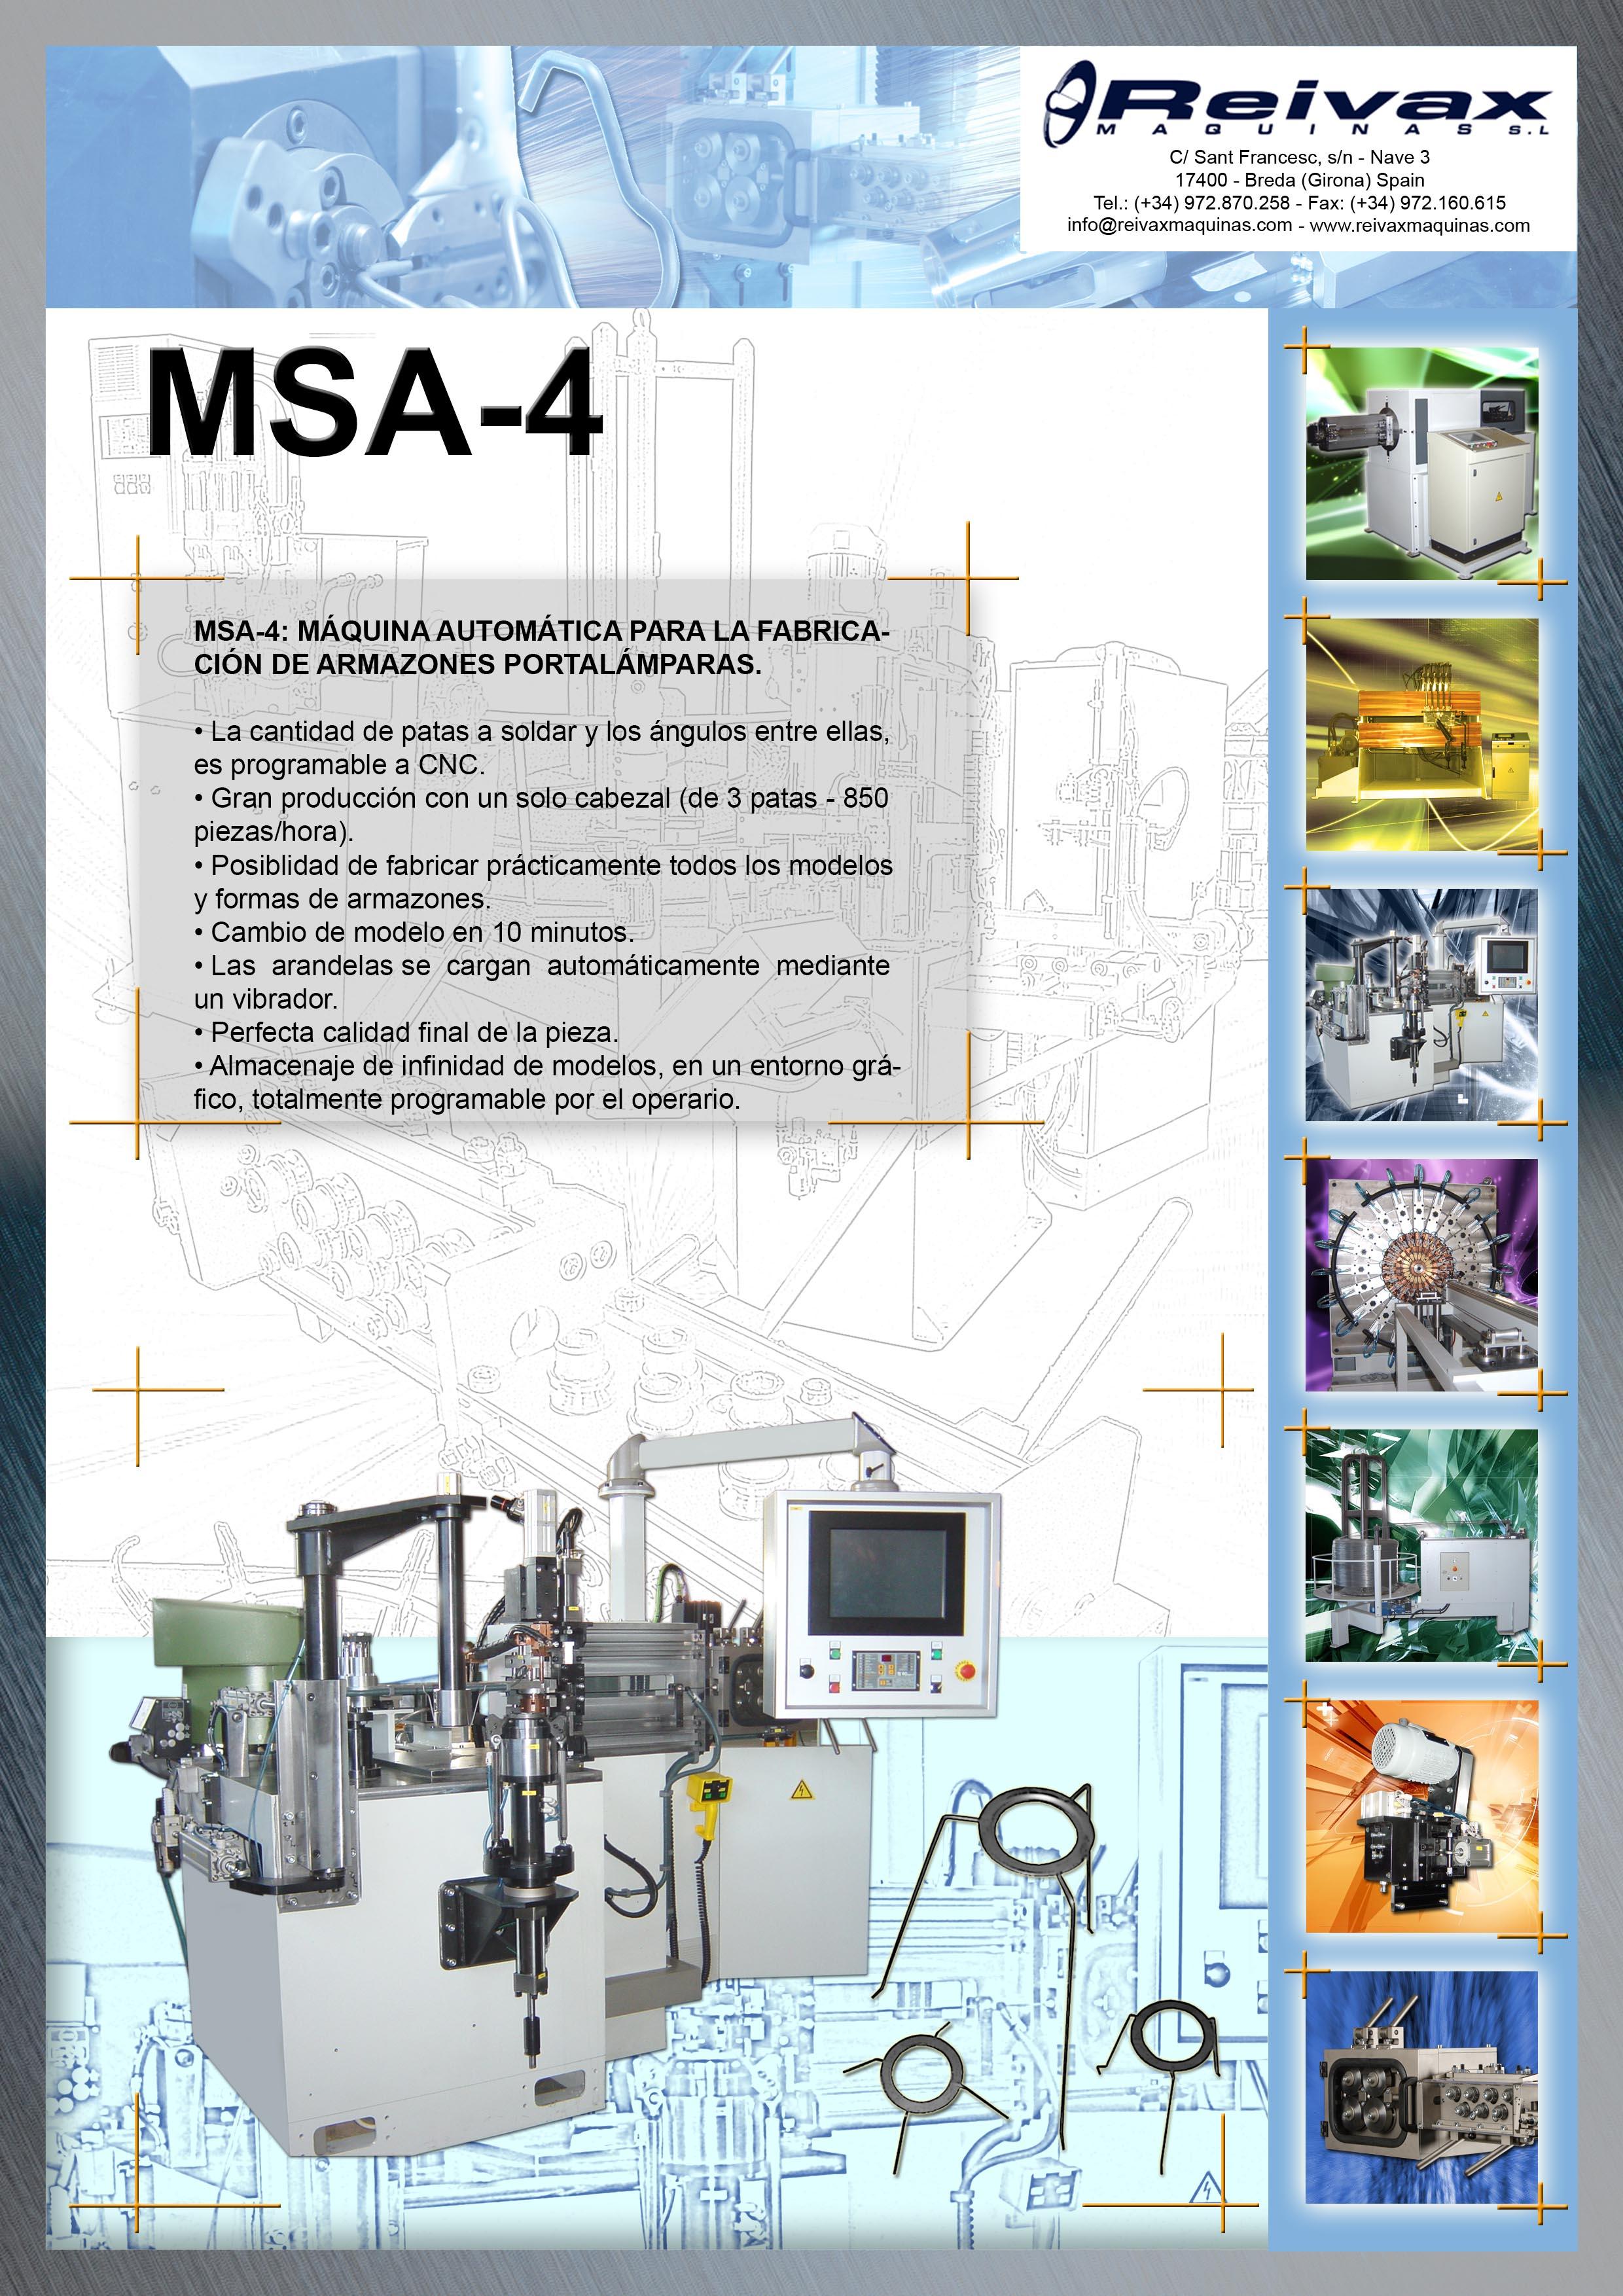 ReivaxMaquinas: Ficha Tecnica MSA-4